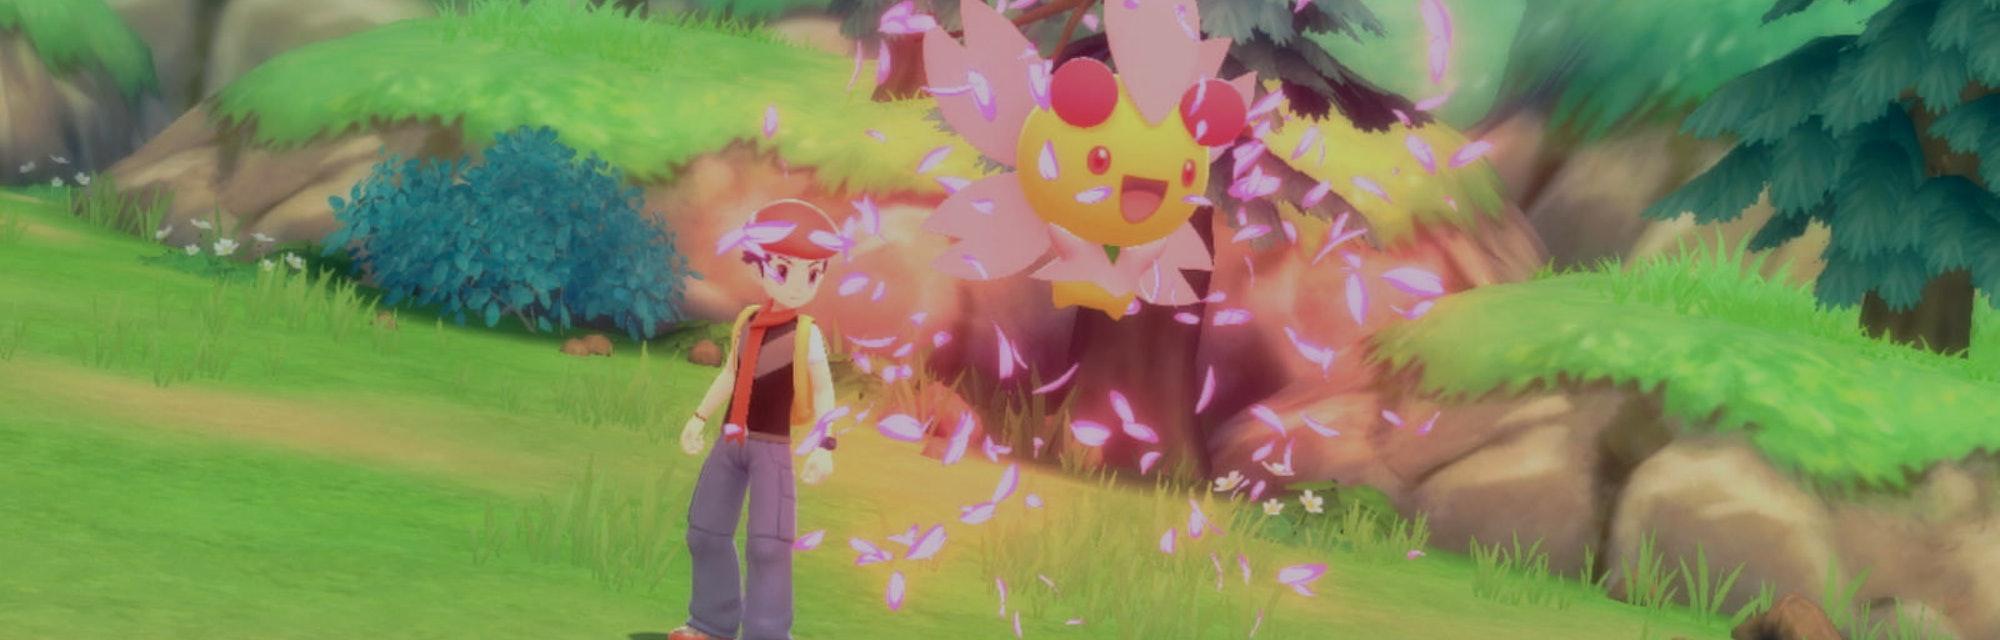 A screenshot of Pokemon Shining Pearl